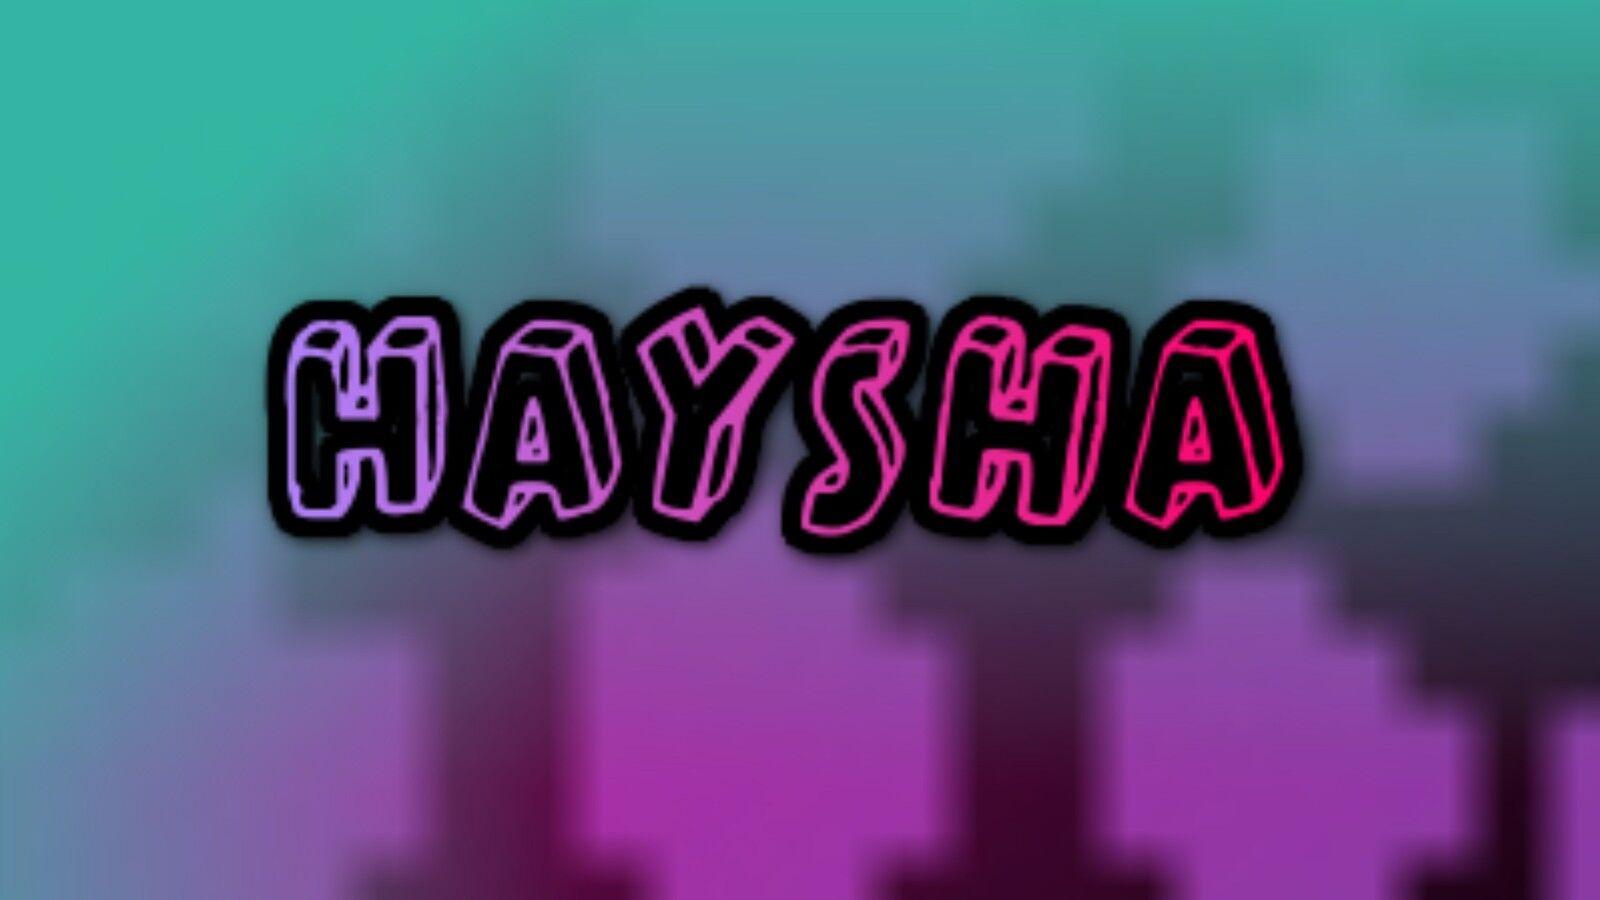 HayshaPandi